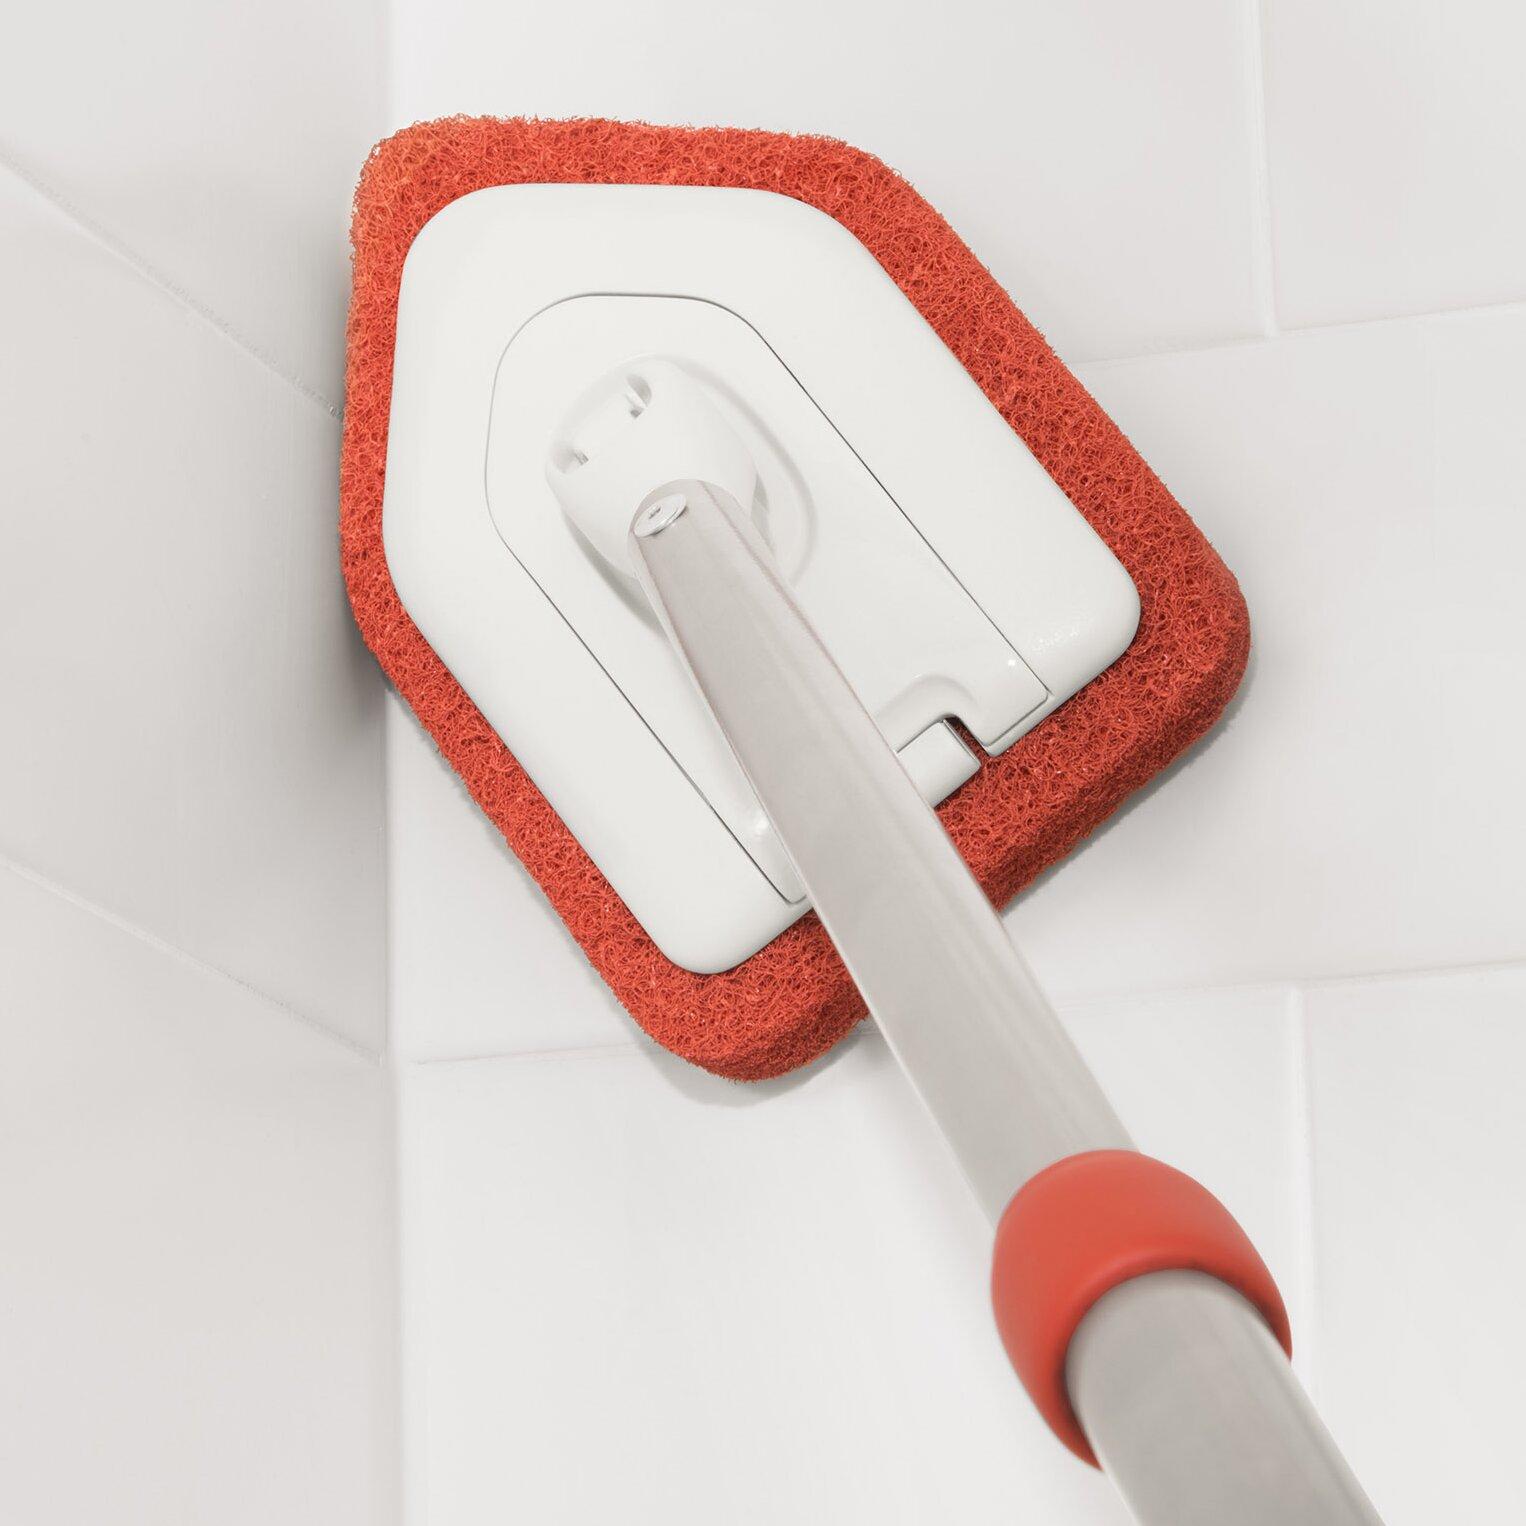 OXO Good Grips Tub  amp  Tile Scrubber Refill. OXO Good Grips Tub   Tile Scrubber Refill   Reviews   Wayfair